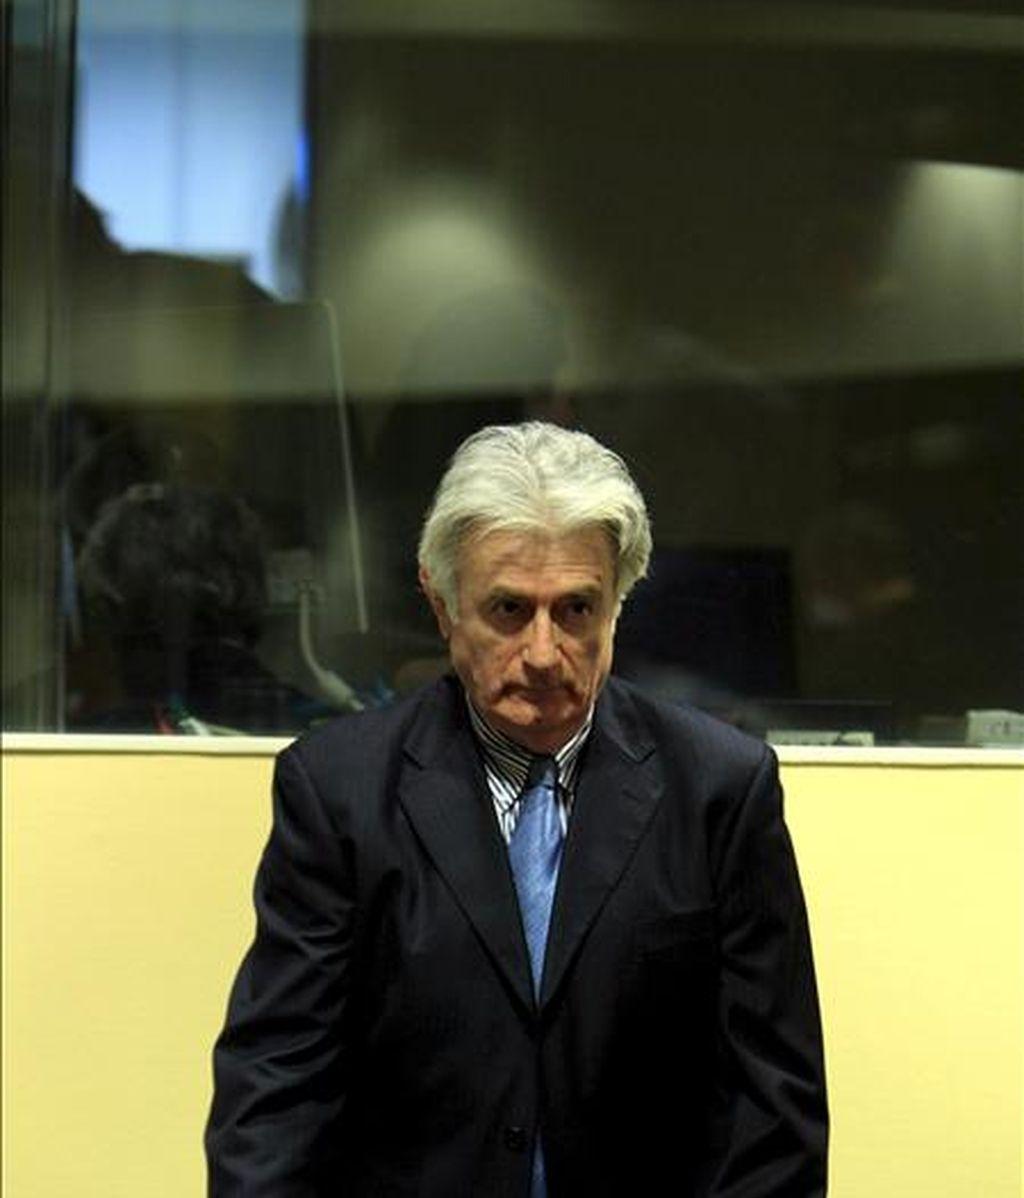 El ex líder serbobosnio, Radovan Karadzic, el pasado mes de marzo ante el Tribunal Penal Internacional para la antigua Yugoslavia. EFE/Archivo